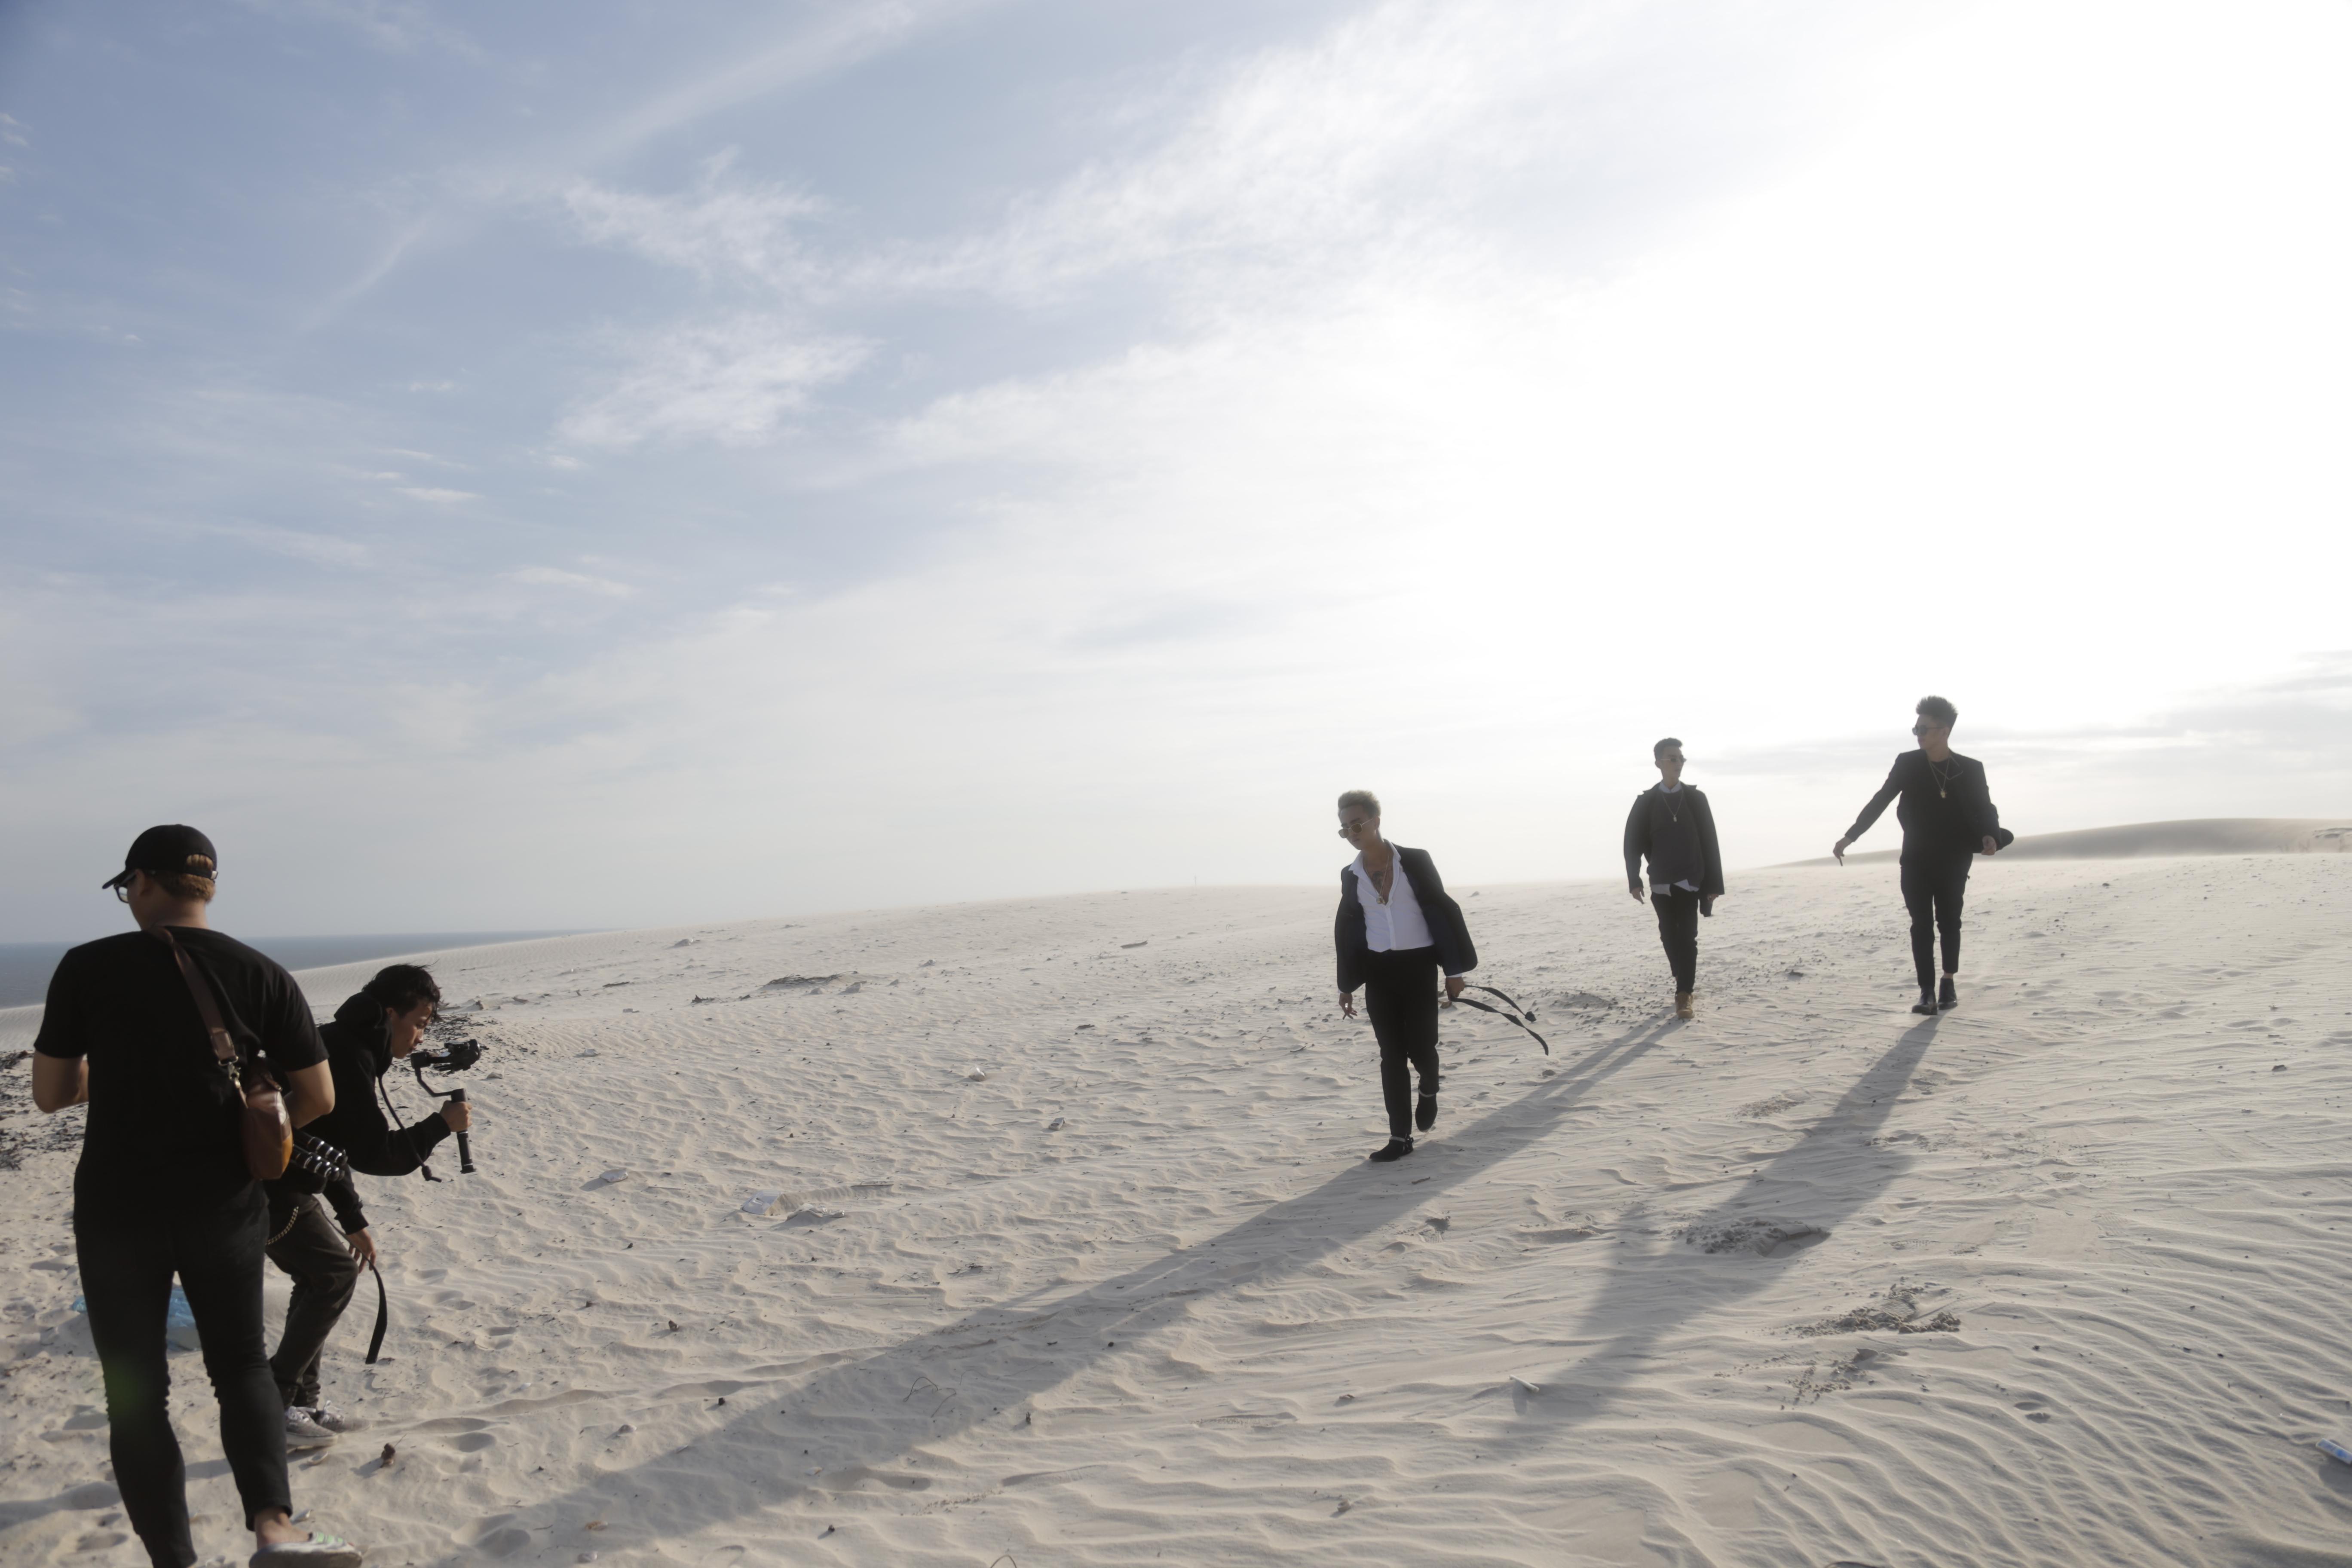 Hình ảnh Chủ nhân siêu phẩm 'Buồn của anh' ra mắt MV cực chất hứa hẹn tiếp tục gây sốt số 3